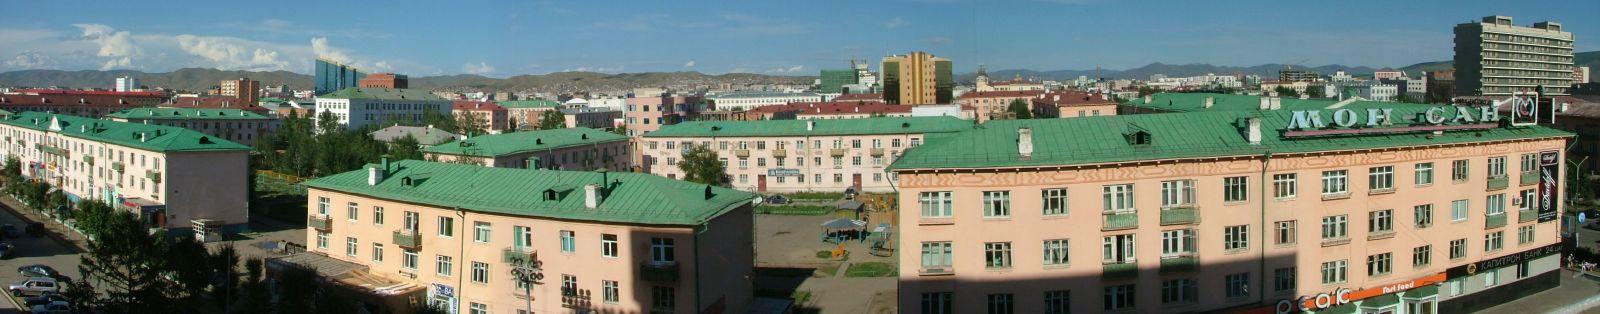 Монгольский город Уланбатор